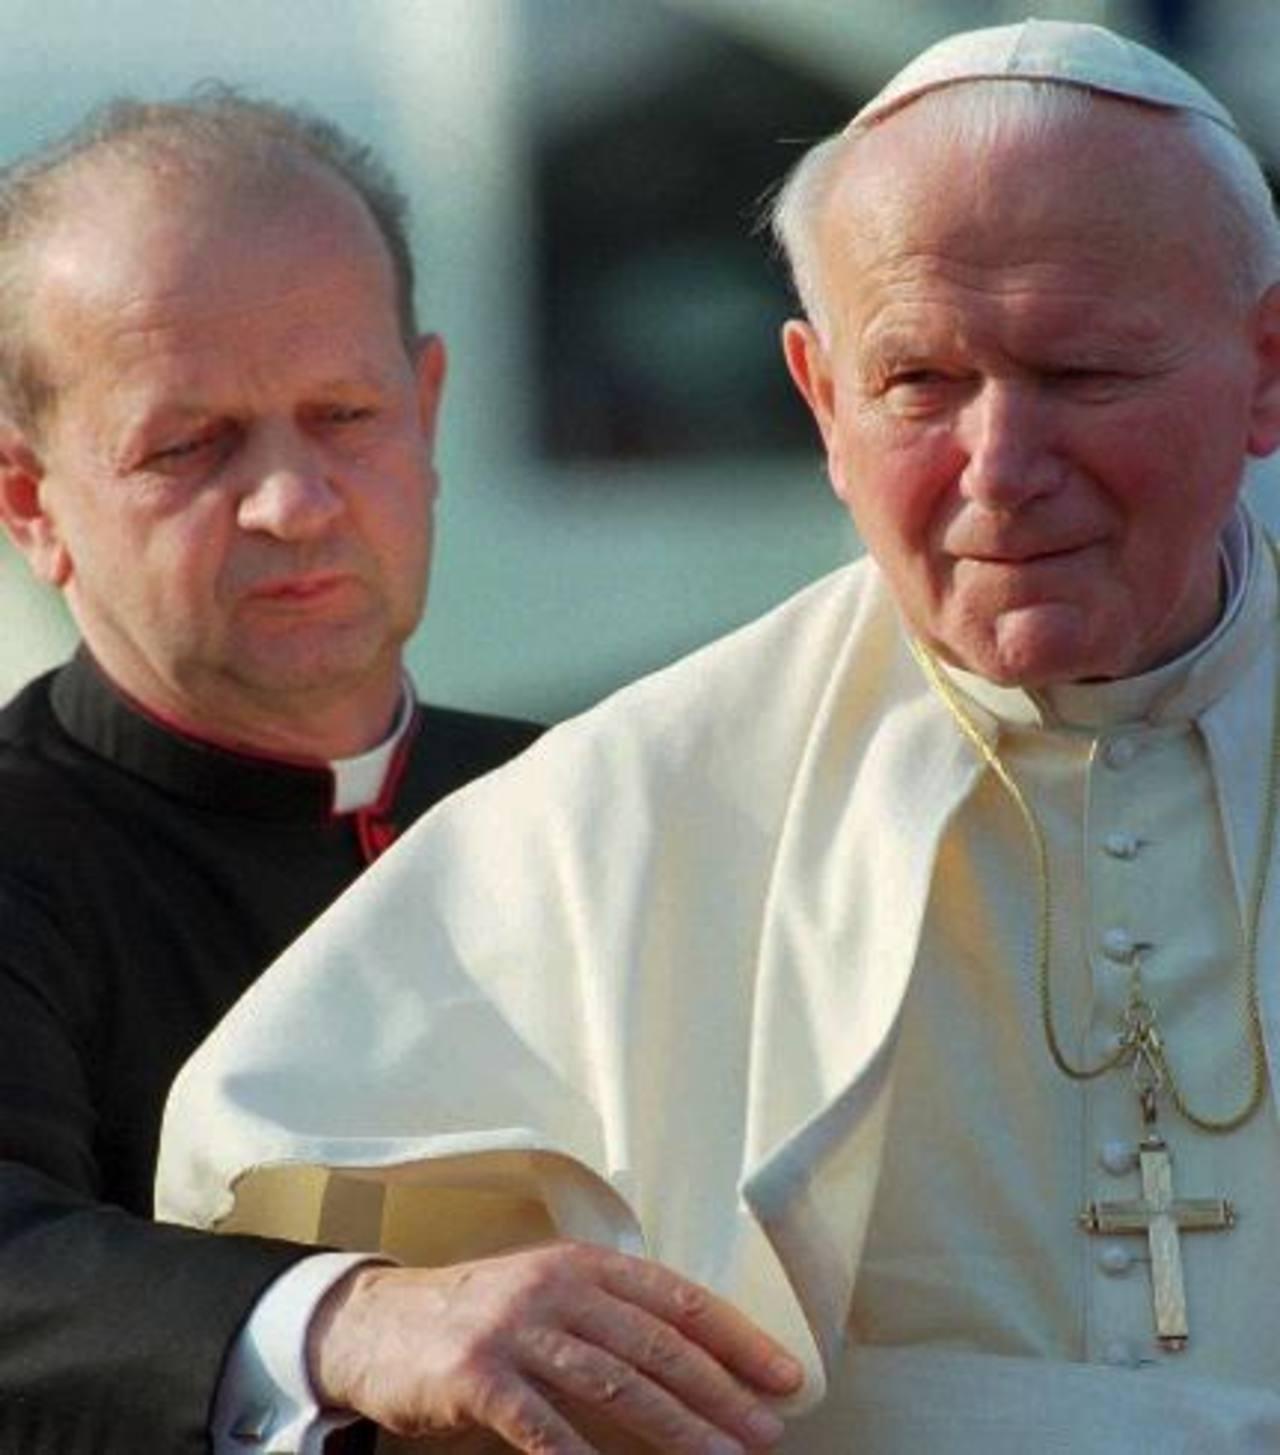 El papa Juan Pablo II es asistido por su secretario personal, Stanislaw Dziwisz. Foto AP- Archivo